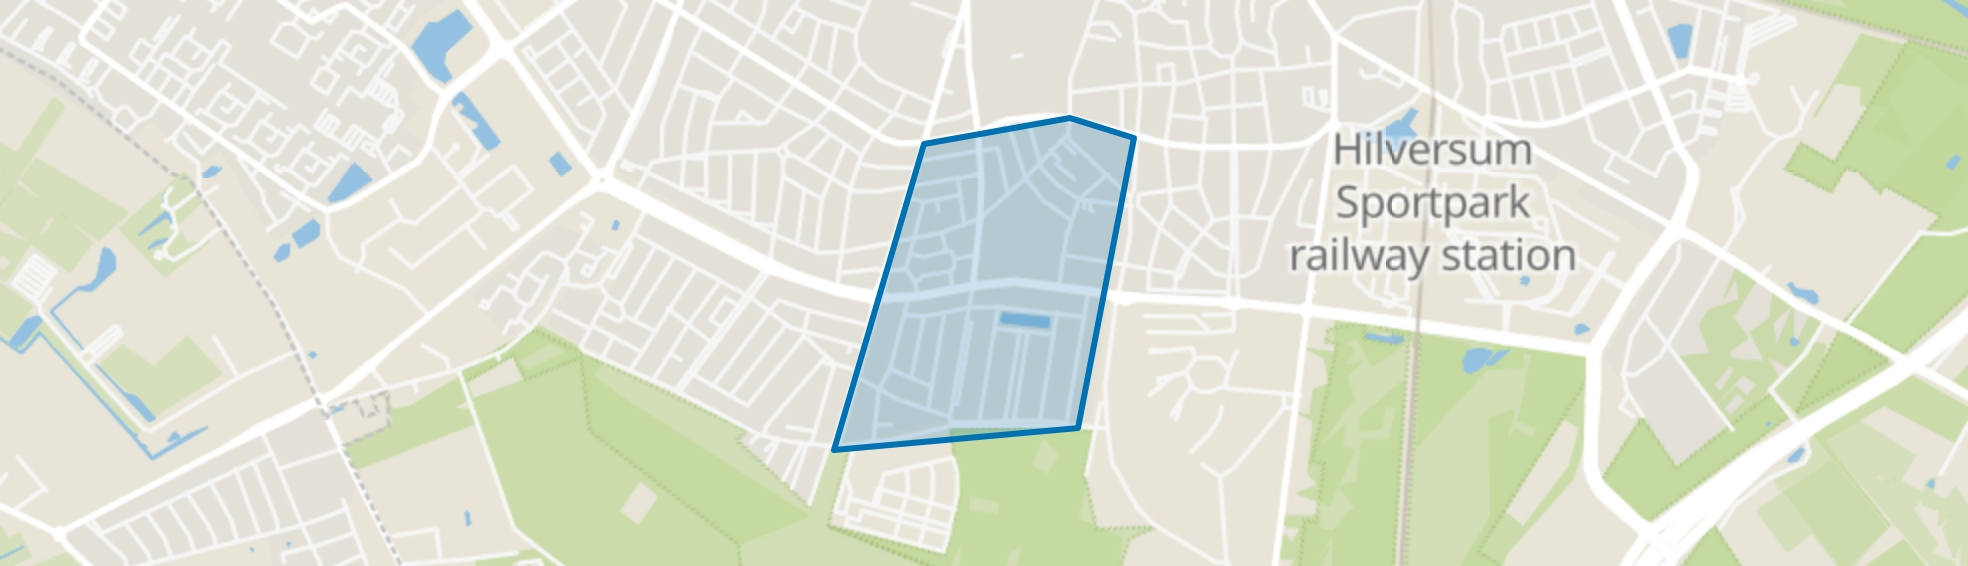 Bloemenkwartier Zuid, Hilversum map